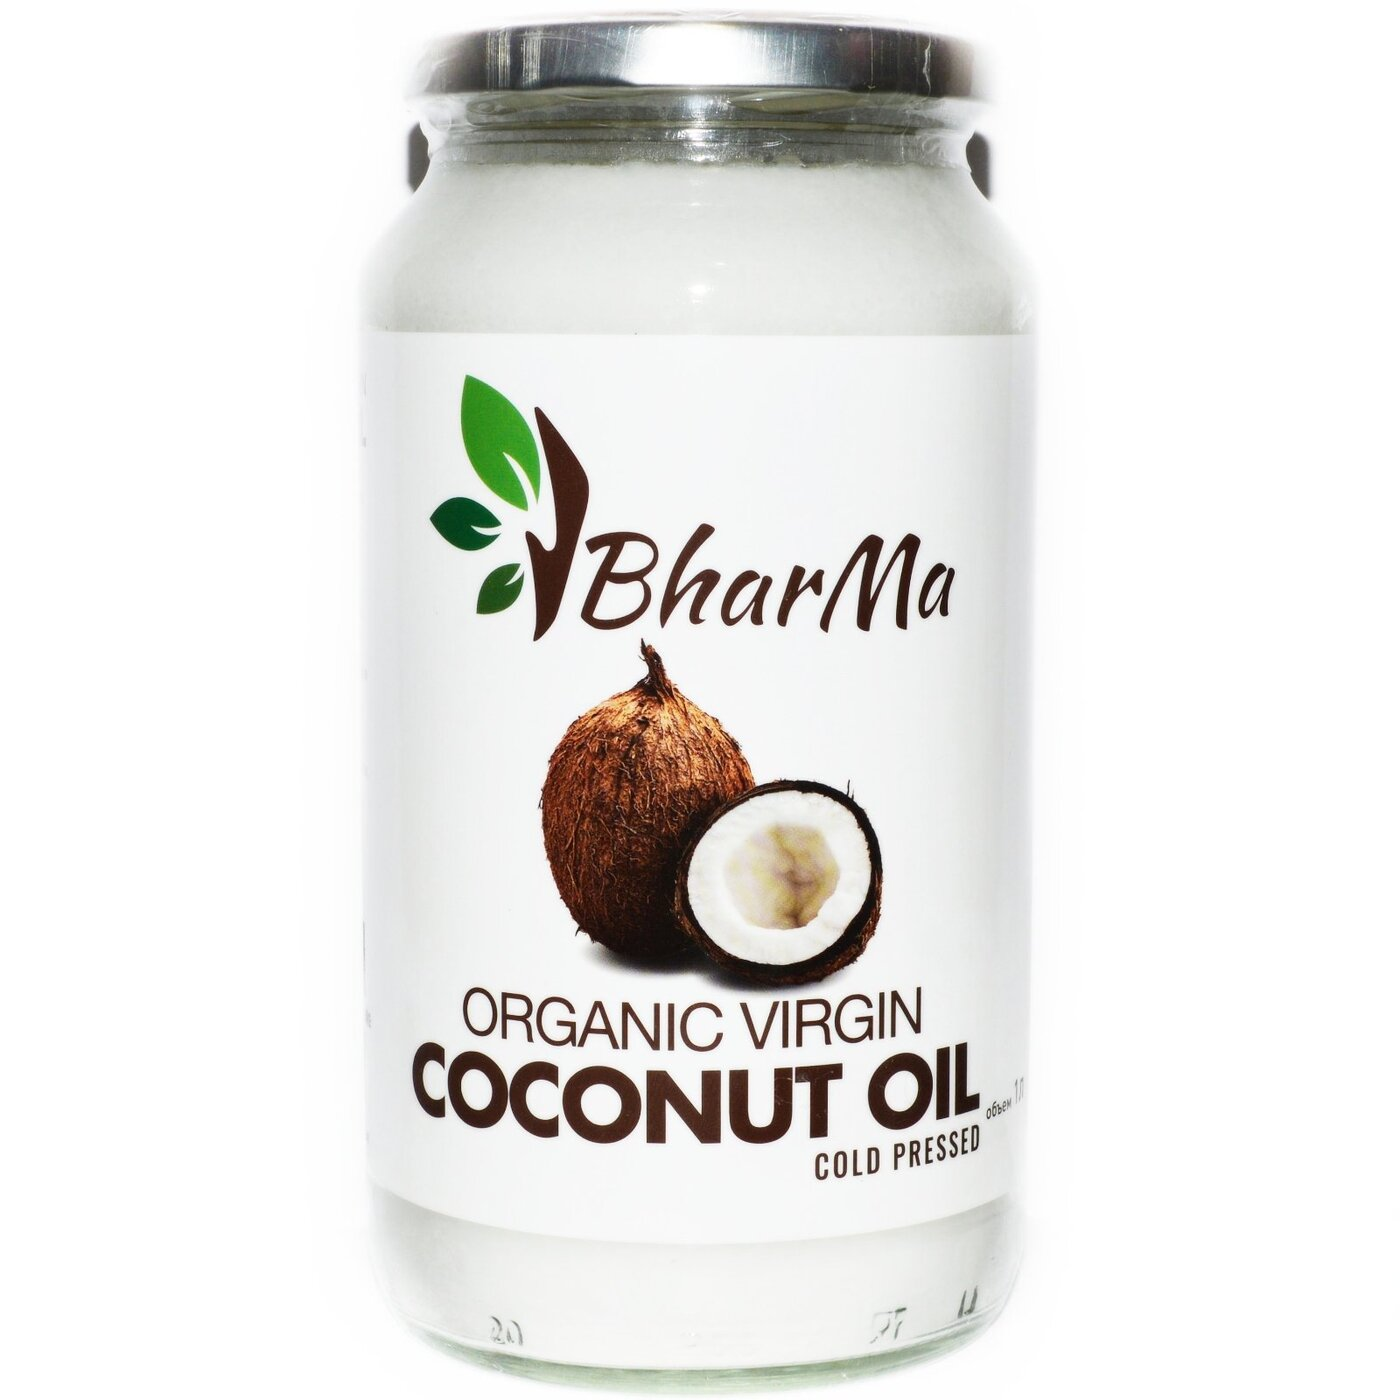 Кокосовое масло органик BharMa,100% натуральное, первый холодный отжим, нерафинированное, 1л.